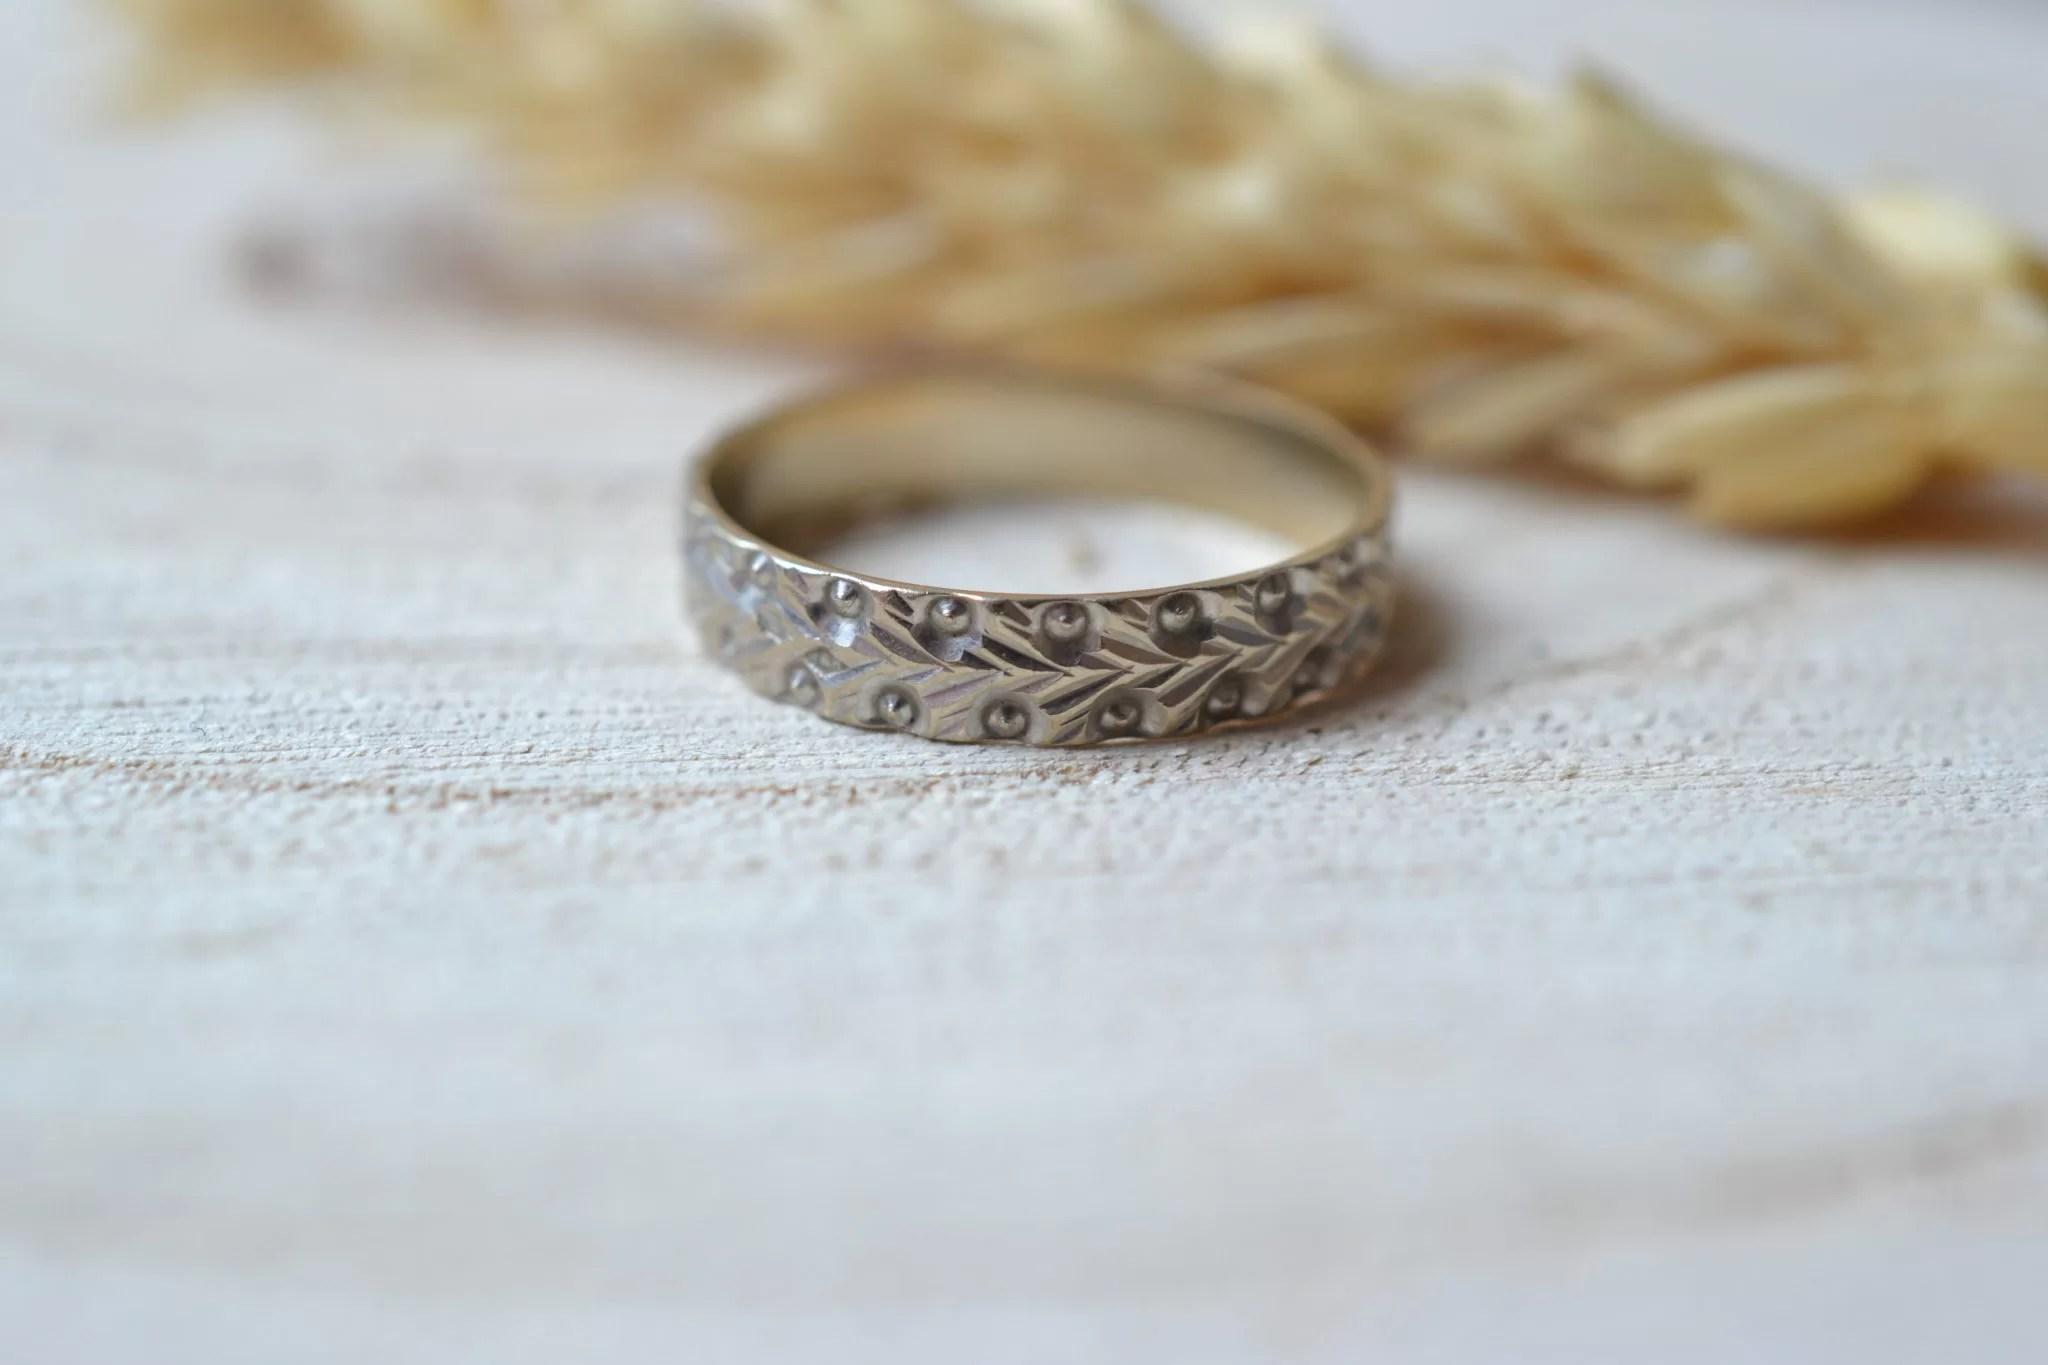 Alliance en Or blanc décorée d_un motif à chevrons - bague de seconde main